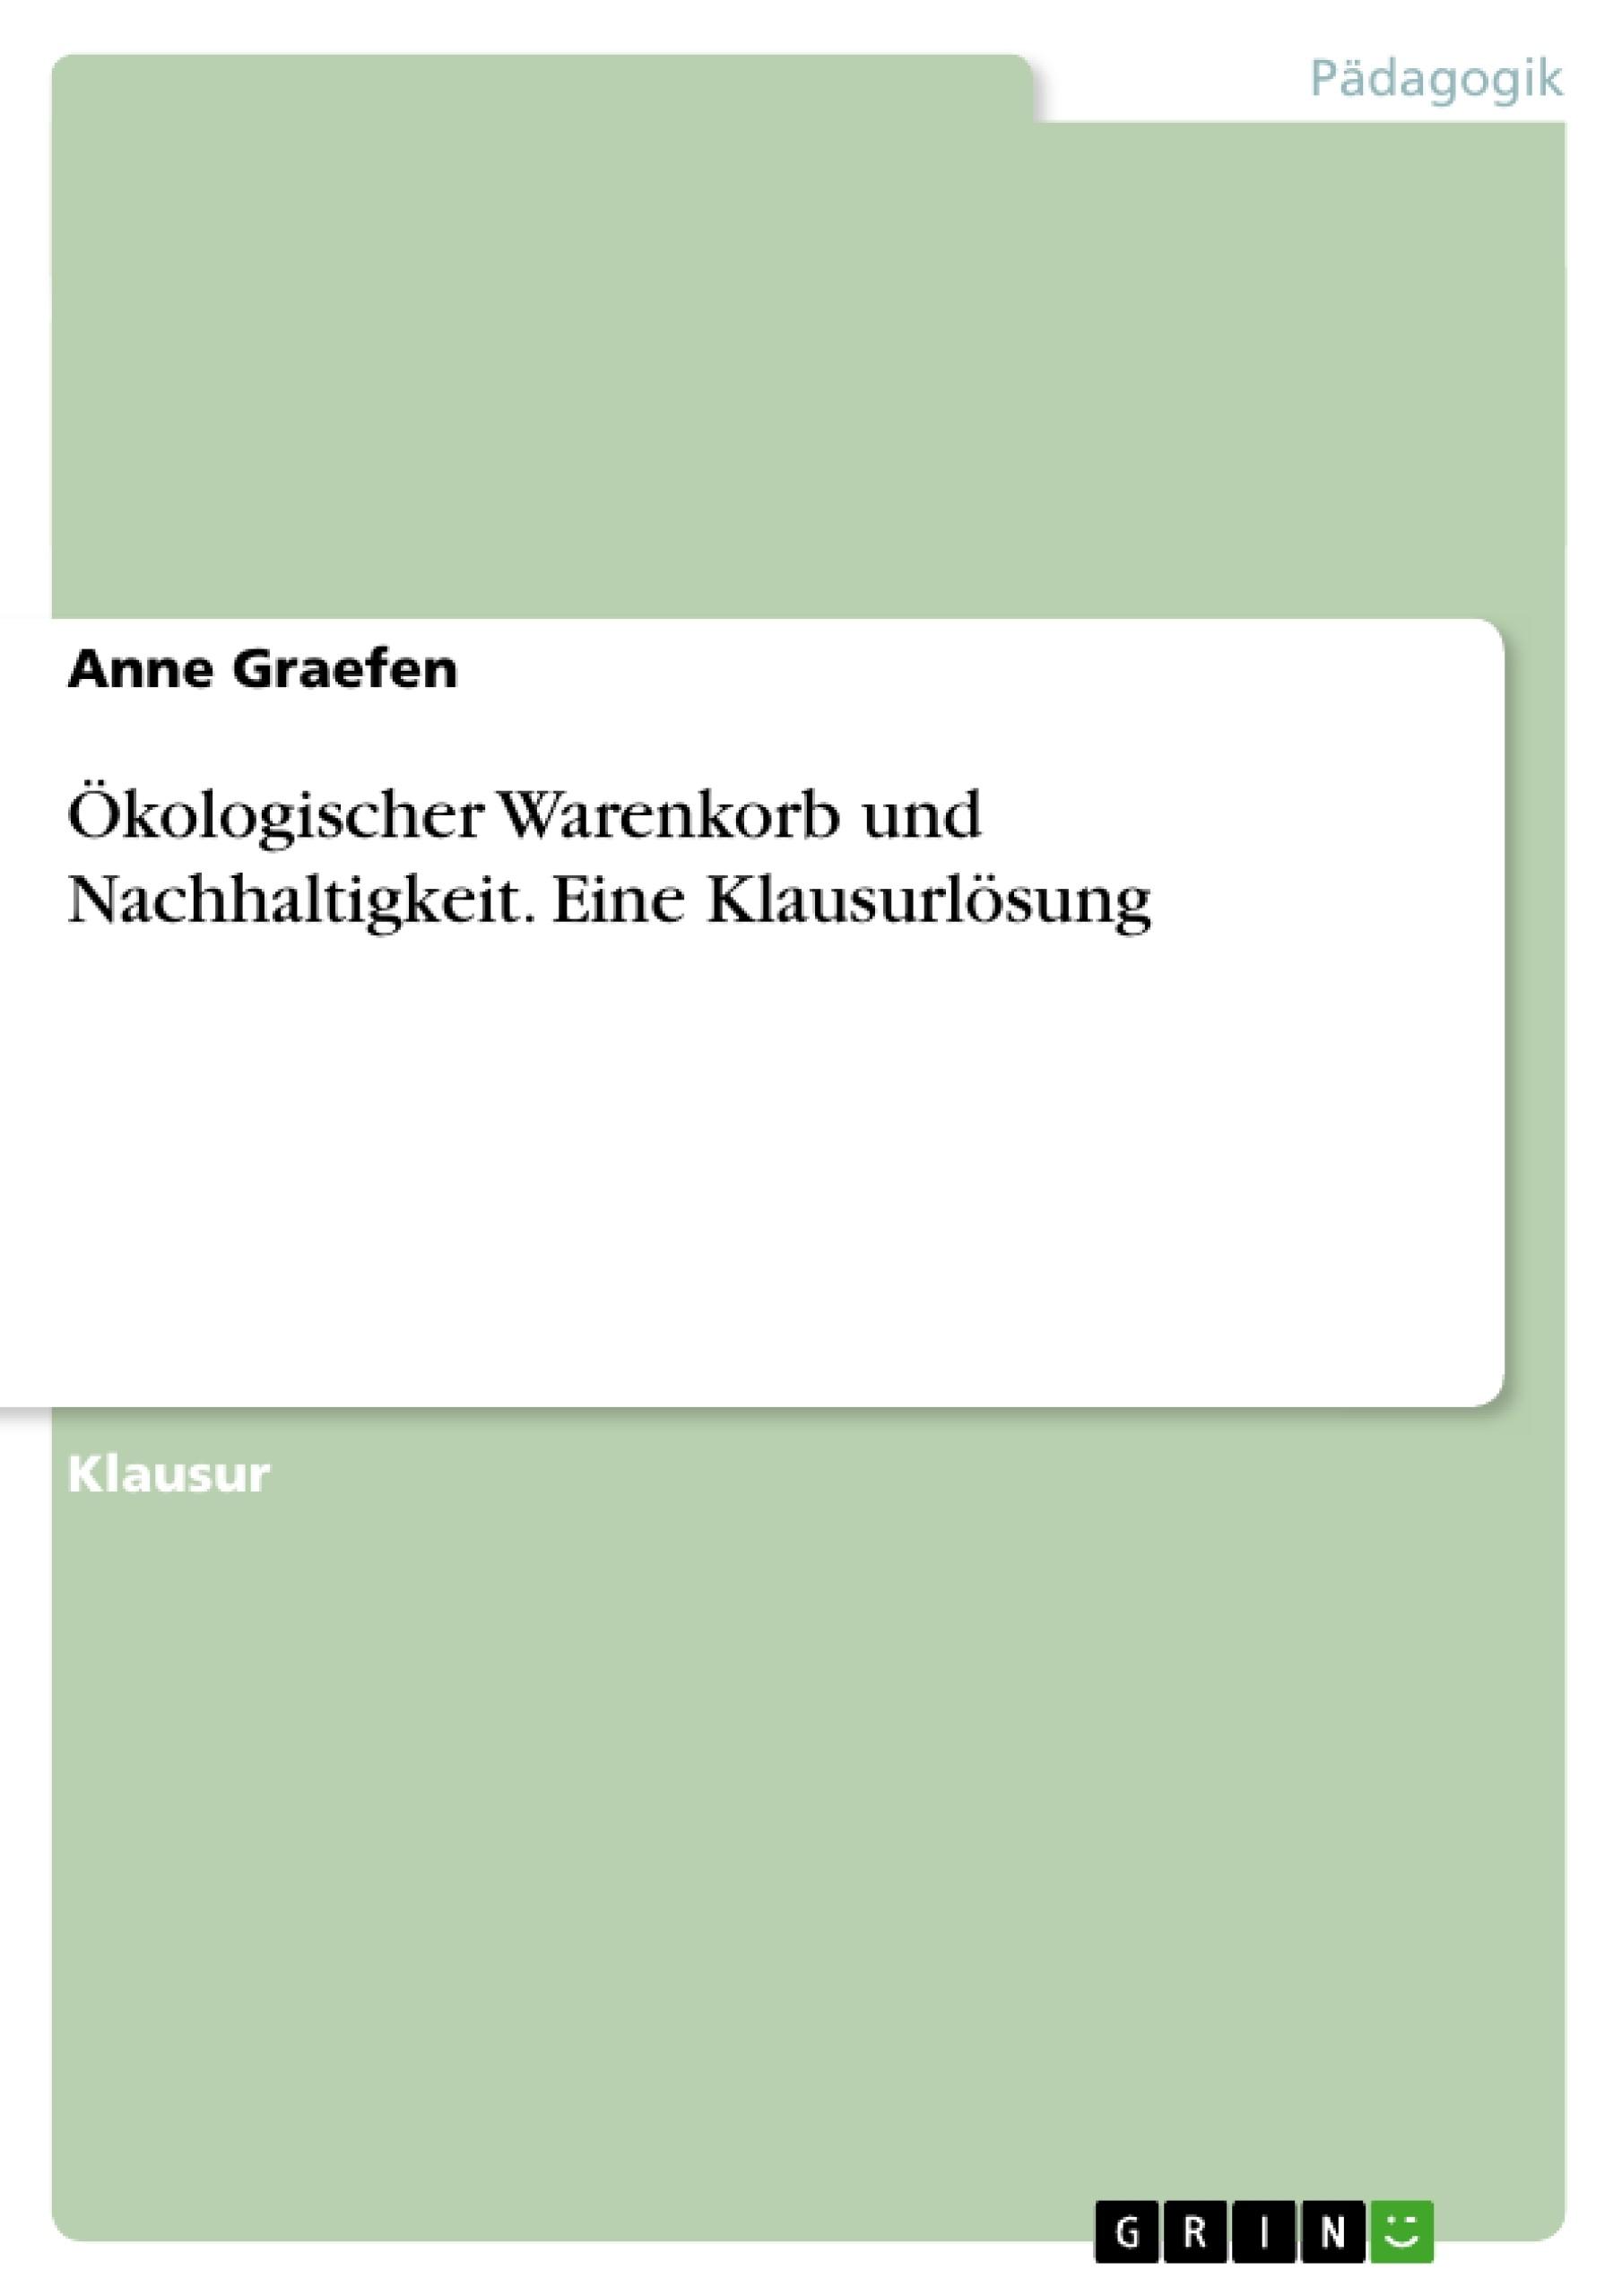 Titel: Ökologischer Warenkorb und Nachhaltigkeit. Eine Klausurlösung